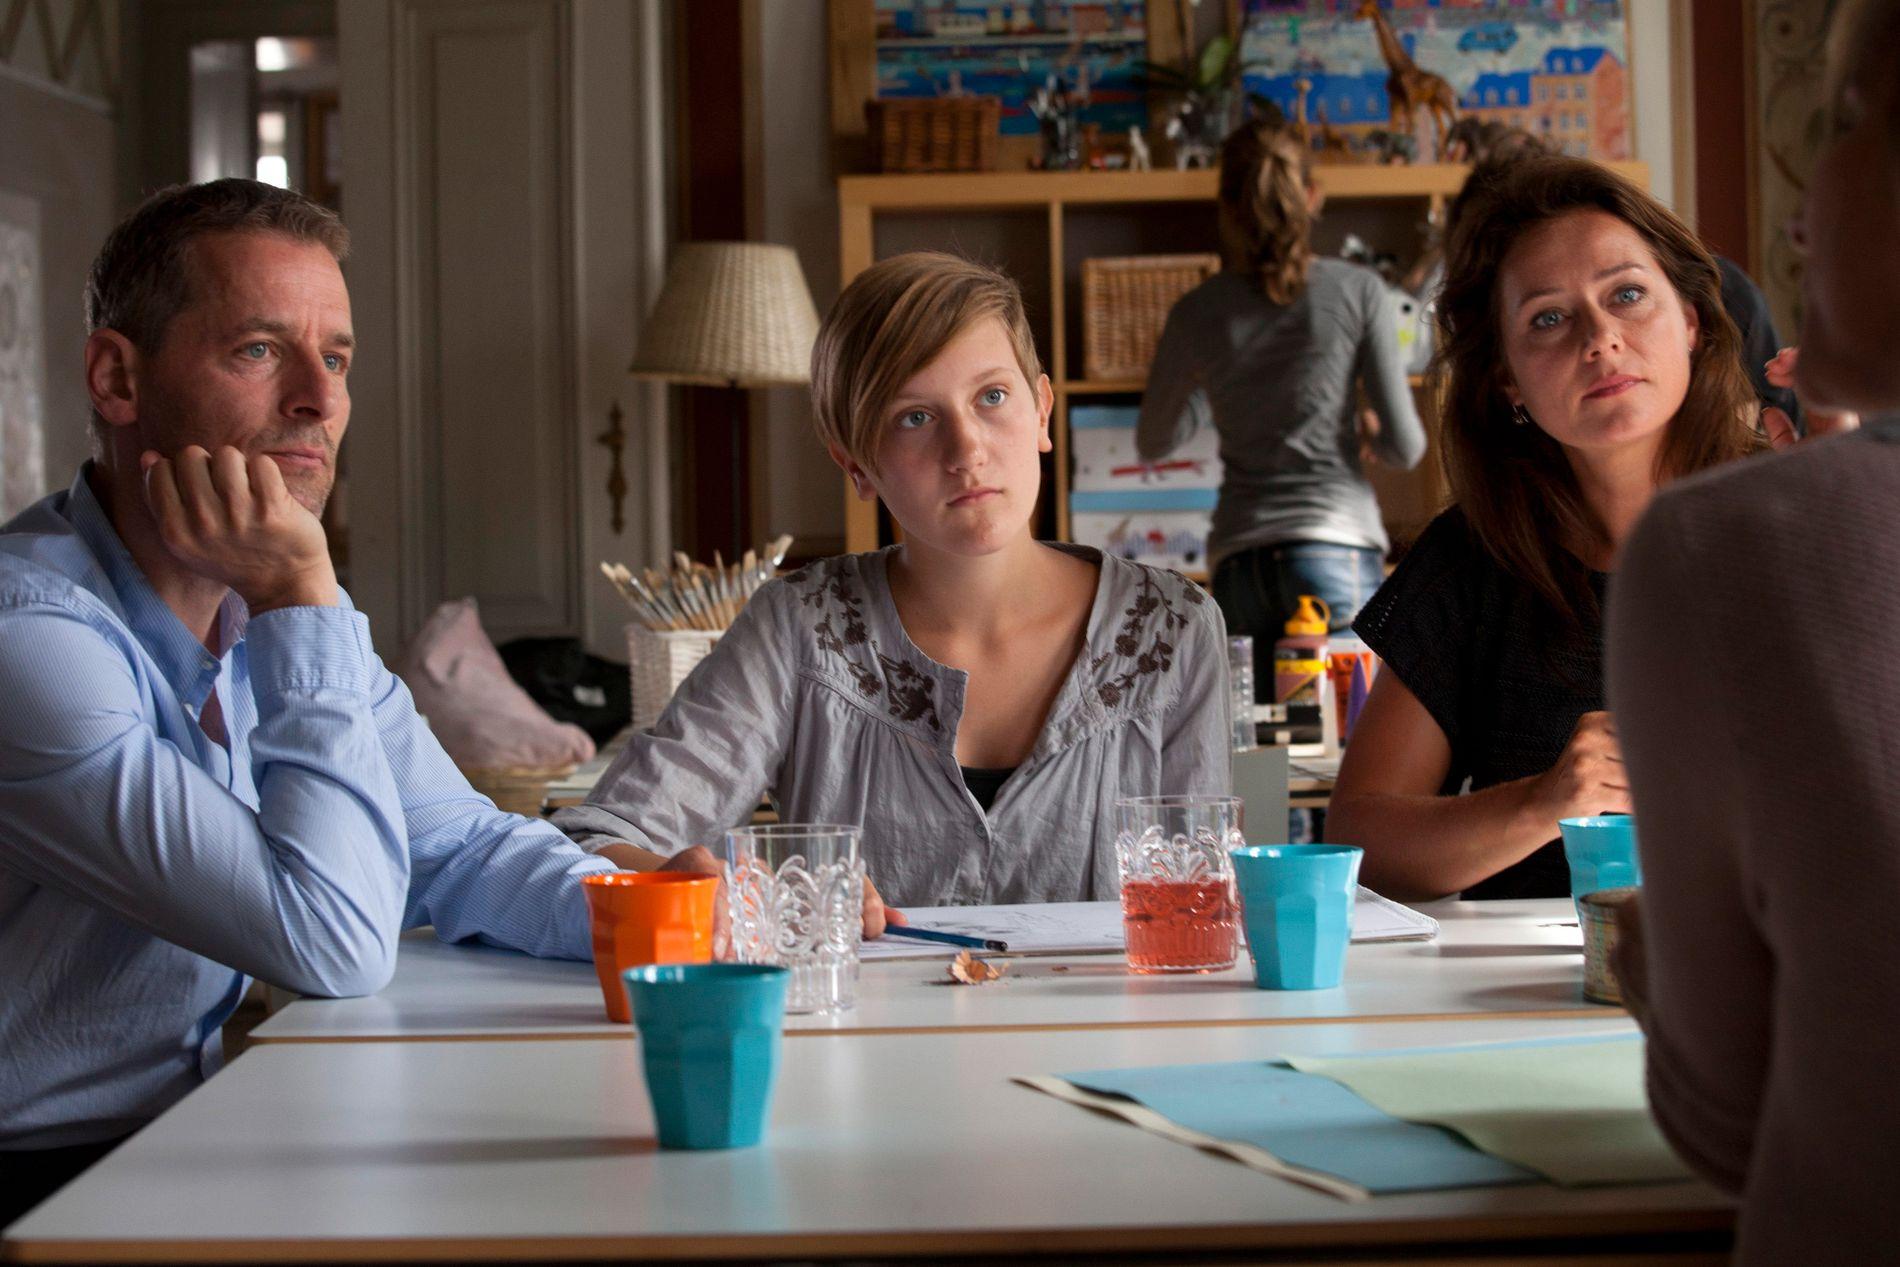 KJENT POSITUR: Mikael Birkkjær som Phillip, Freja Riemann som Laura og Sidse Babett Knudsen som Birgitte i «Borgen».